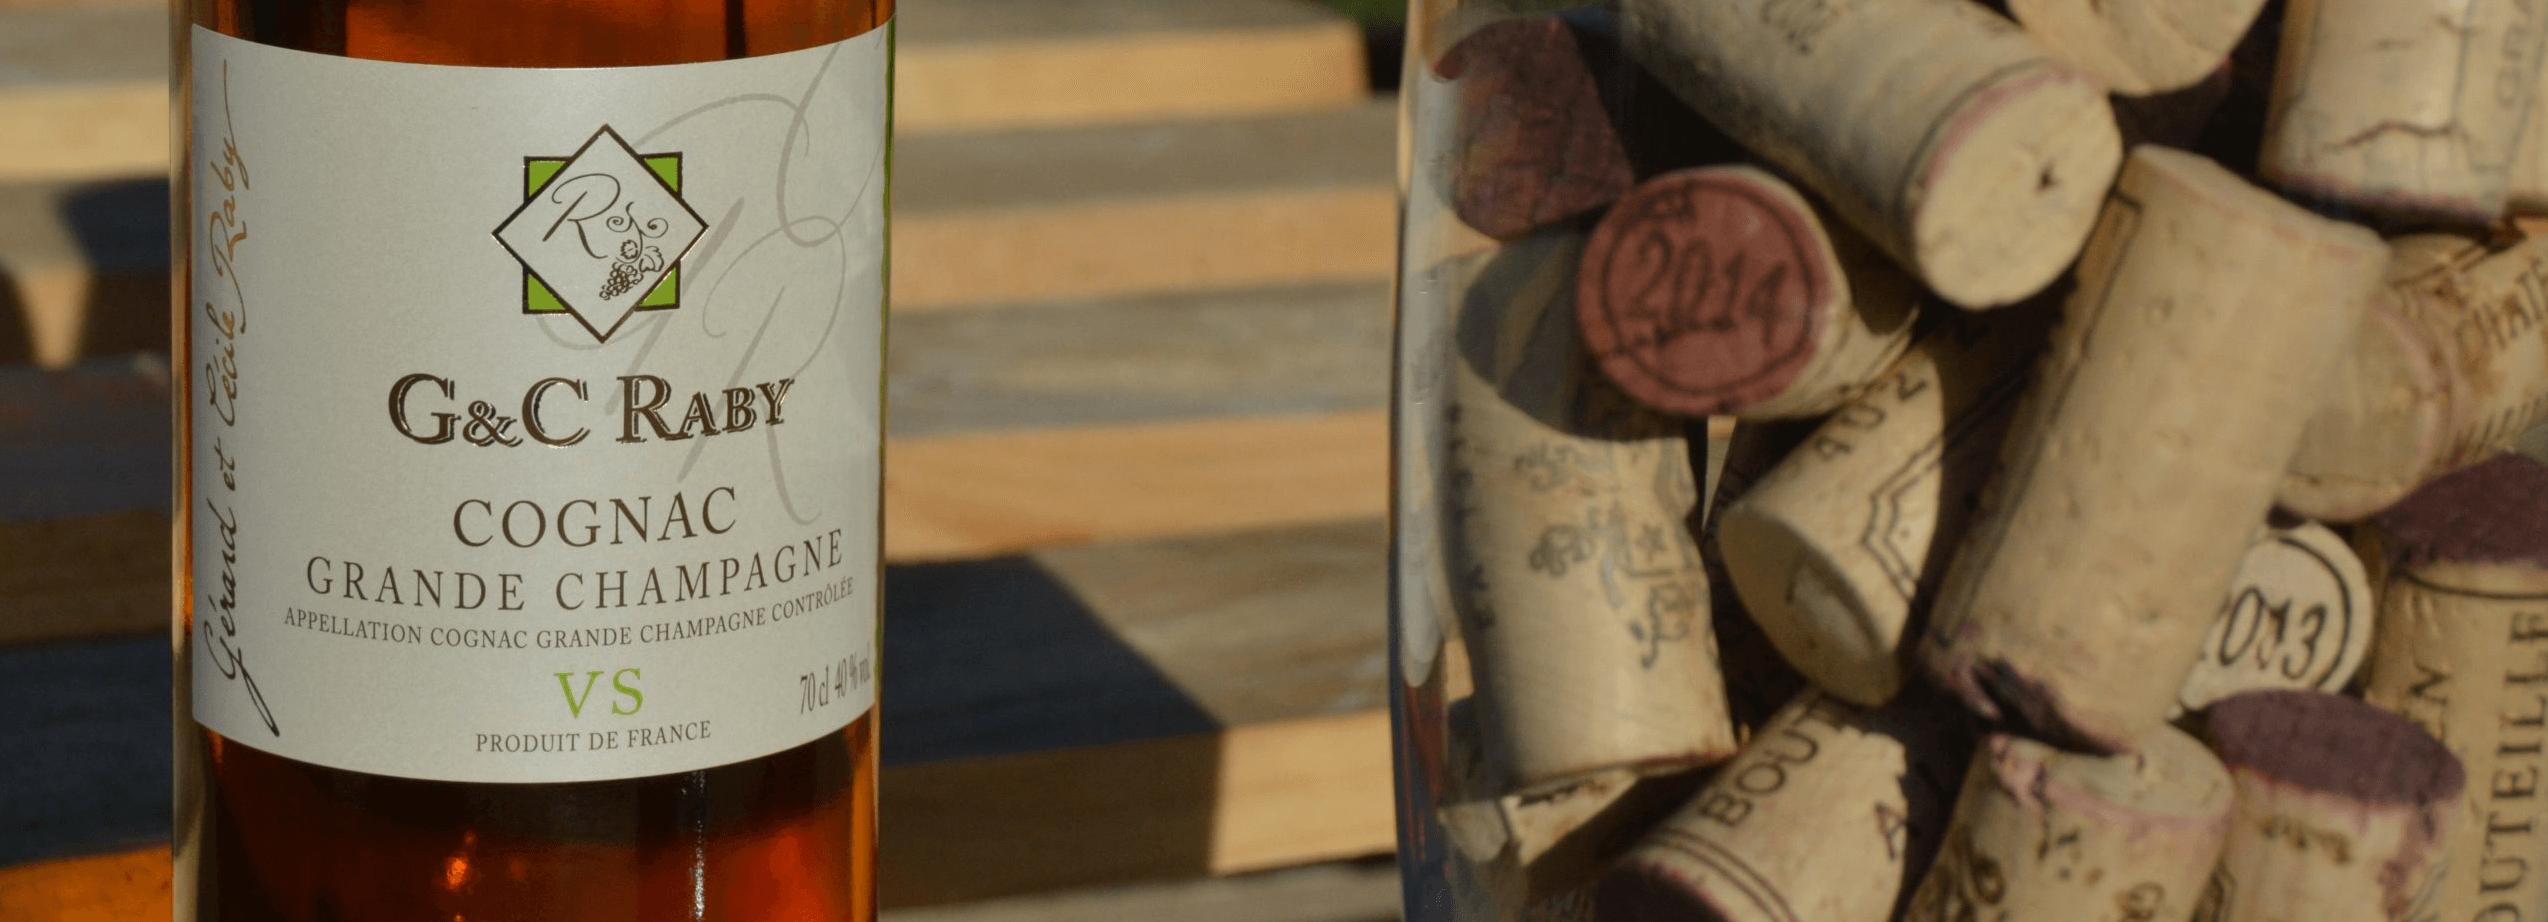 raby cognac vs